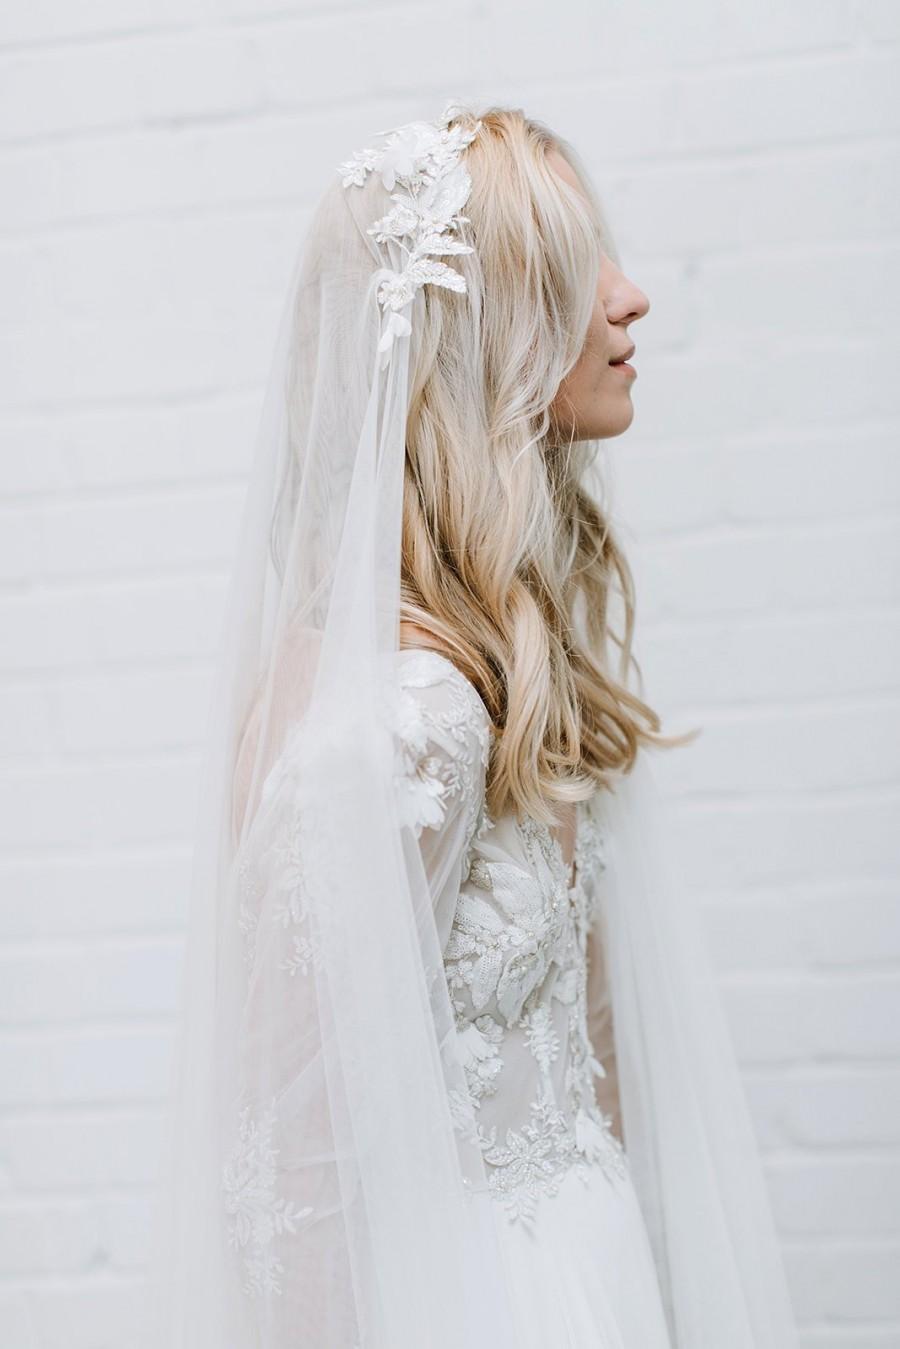 Wedding - Bohemian Wedding Cap Veil, Bridal Veil , 3D Floral Lace Veil, Juliet Cap Veil, Veil for Boho Bride, Two Layers Veil for  Bride - Camila